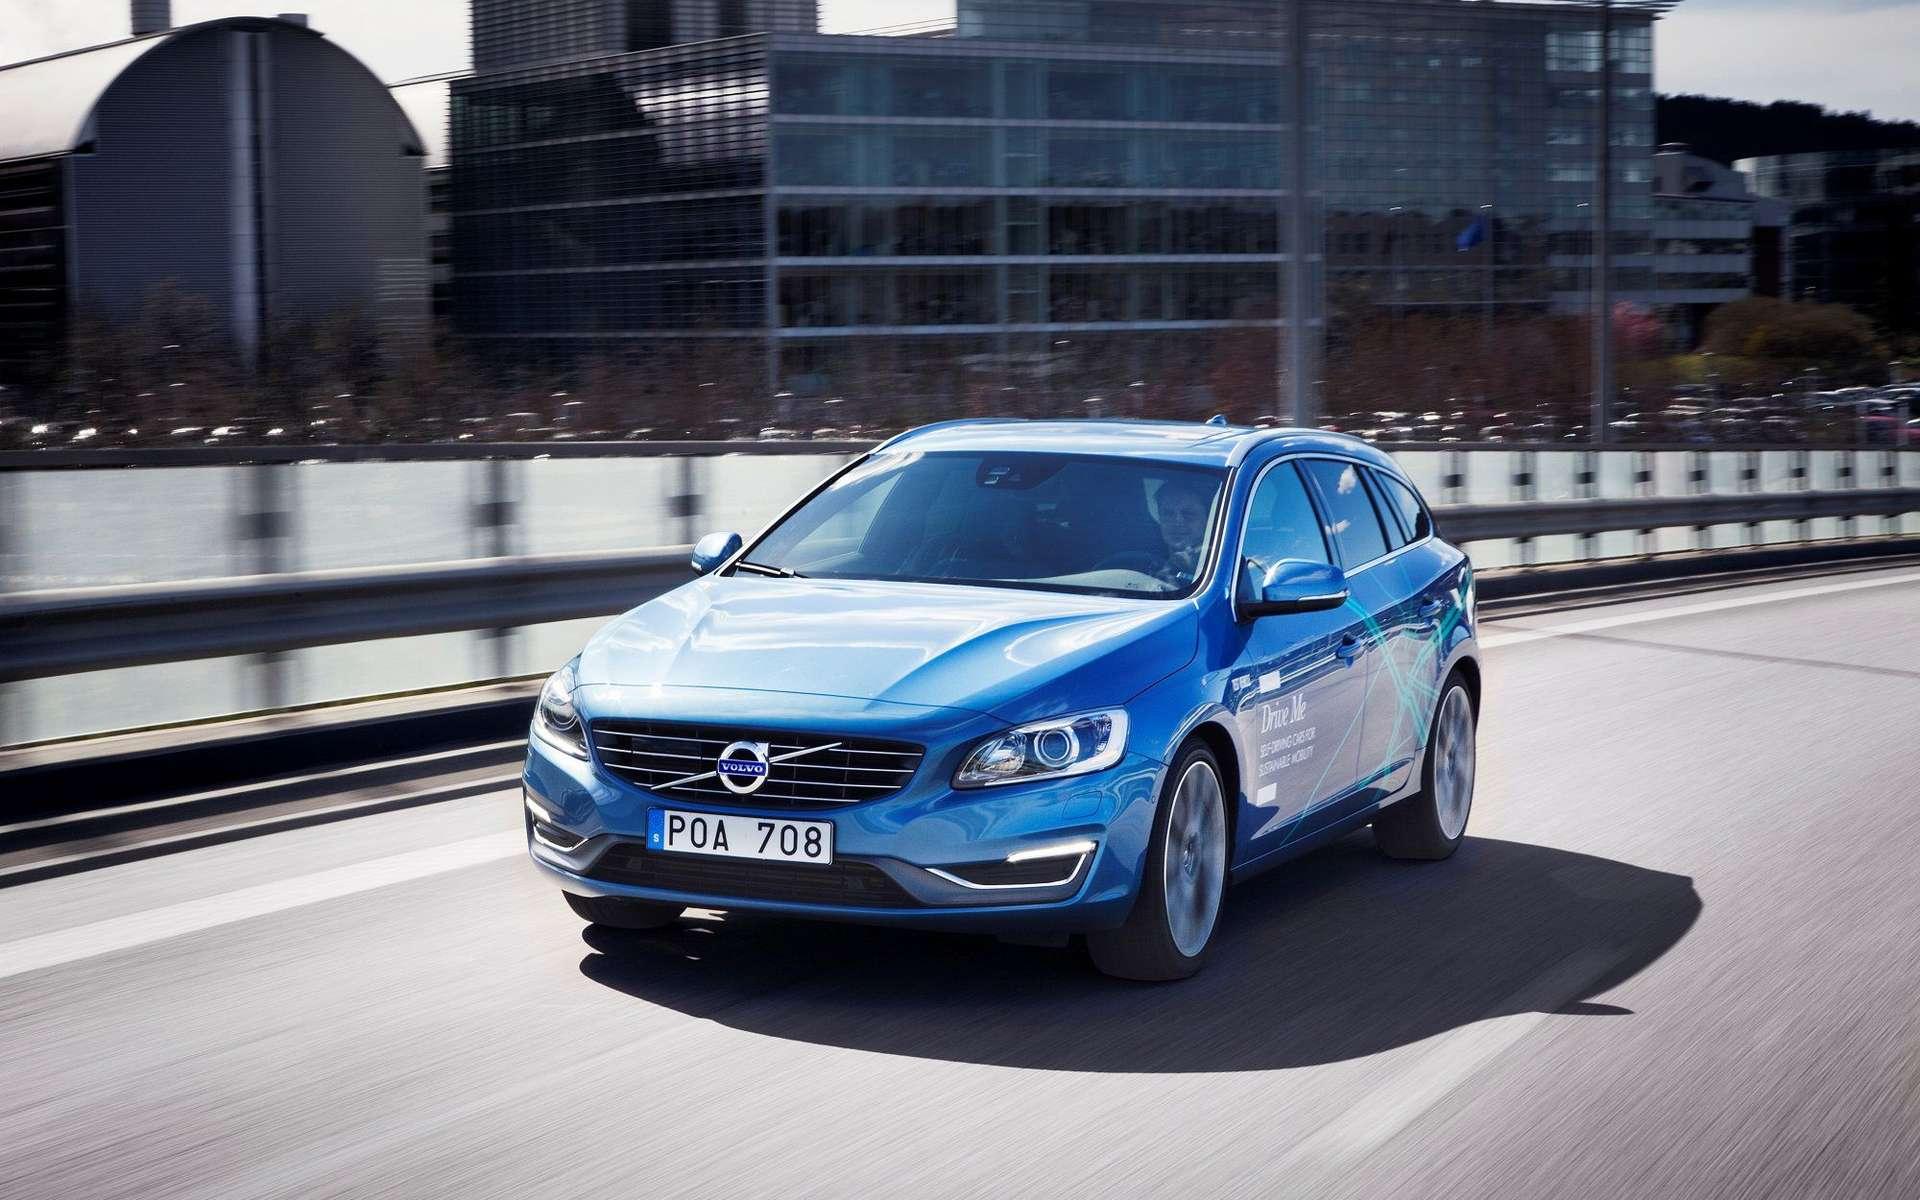 Une voiture qui circule avec le régulateur de vitesse enclenché est animée d'un mouvement uniforme. © Volvo